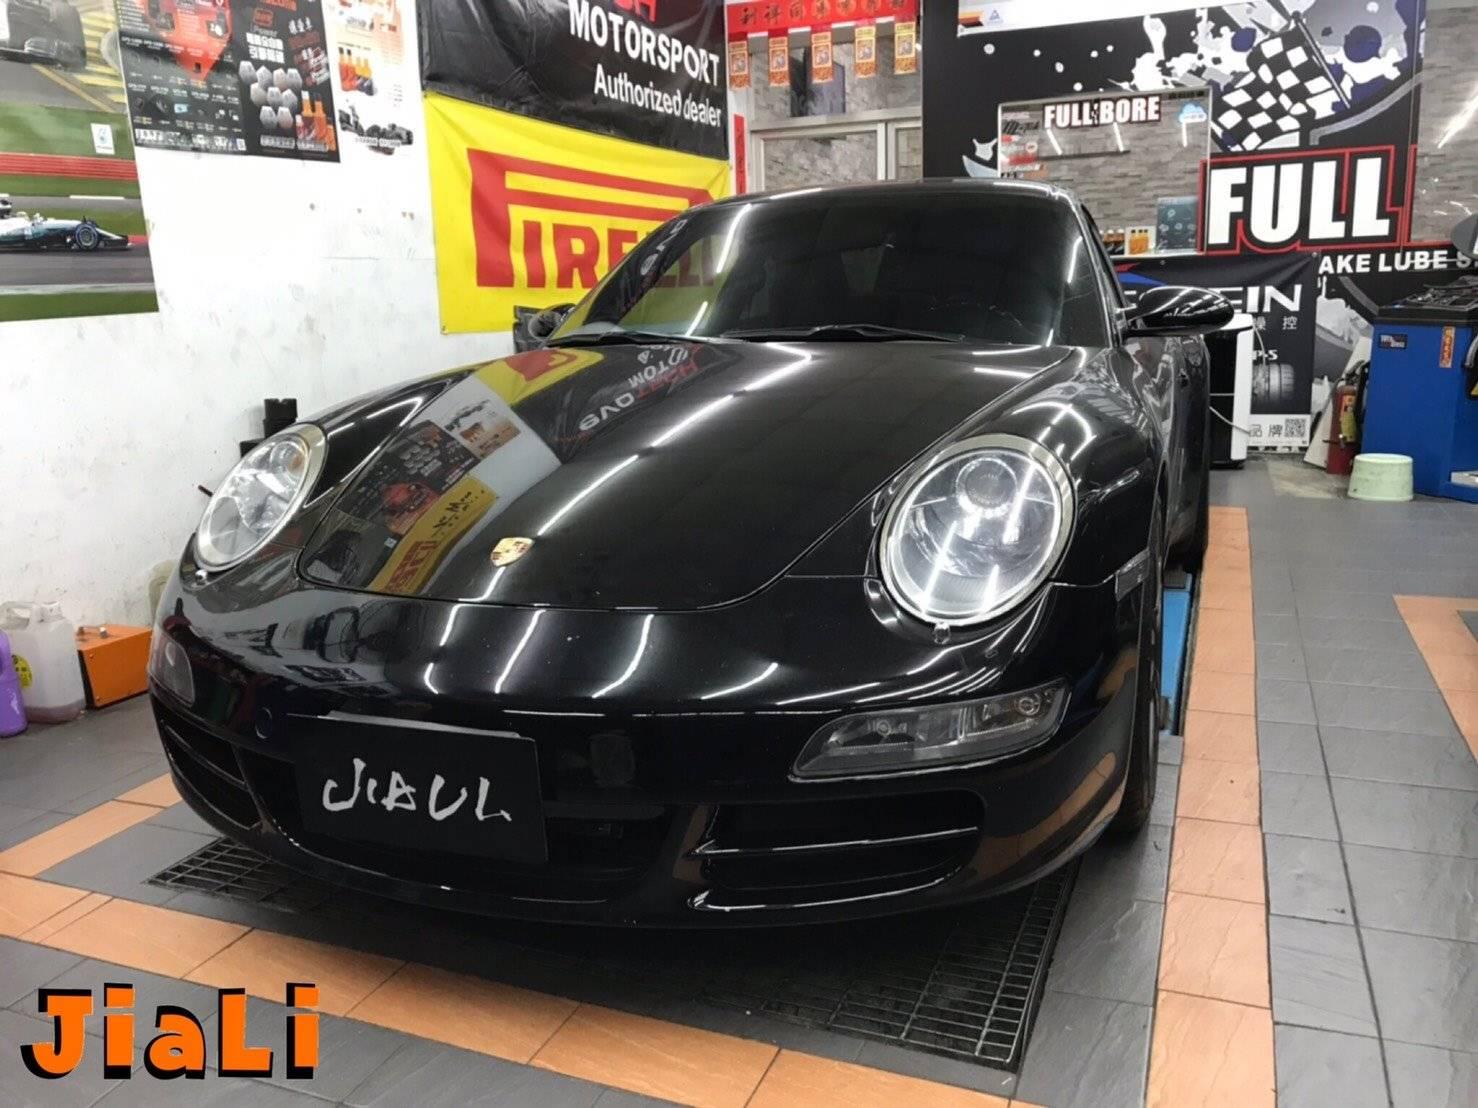 【嘉利汽車】PORSCHE 911 997 Carrera 4S 引擎不順#引擎抖動#NGK火星塞#PORSCHE維修